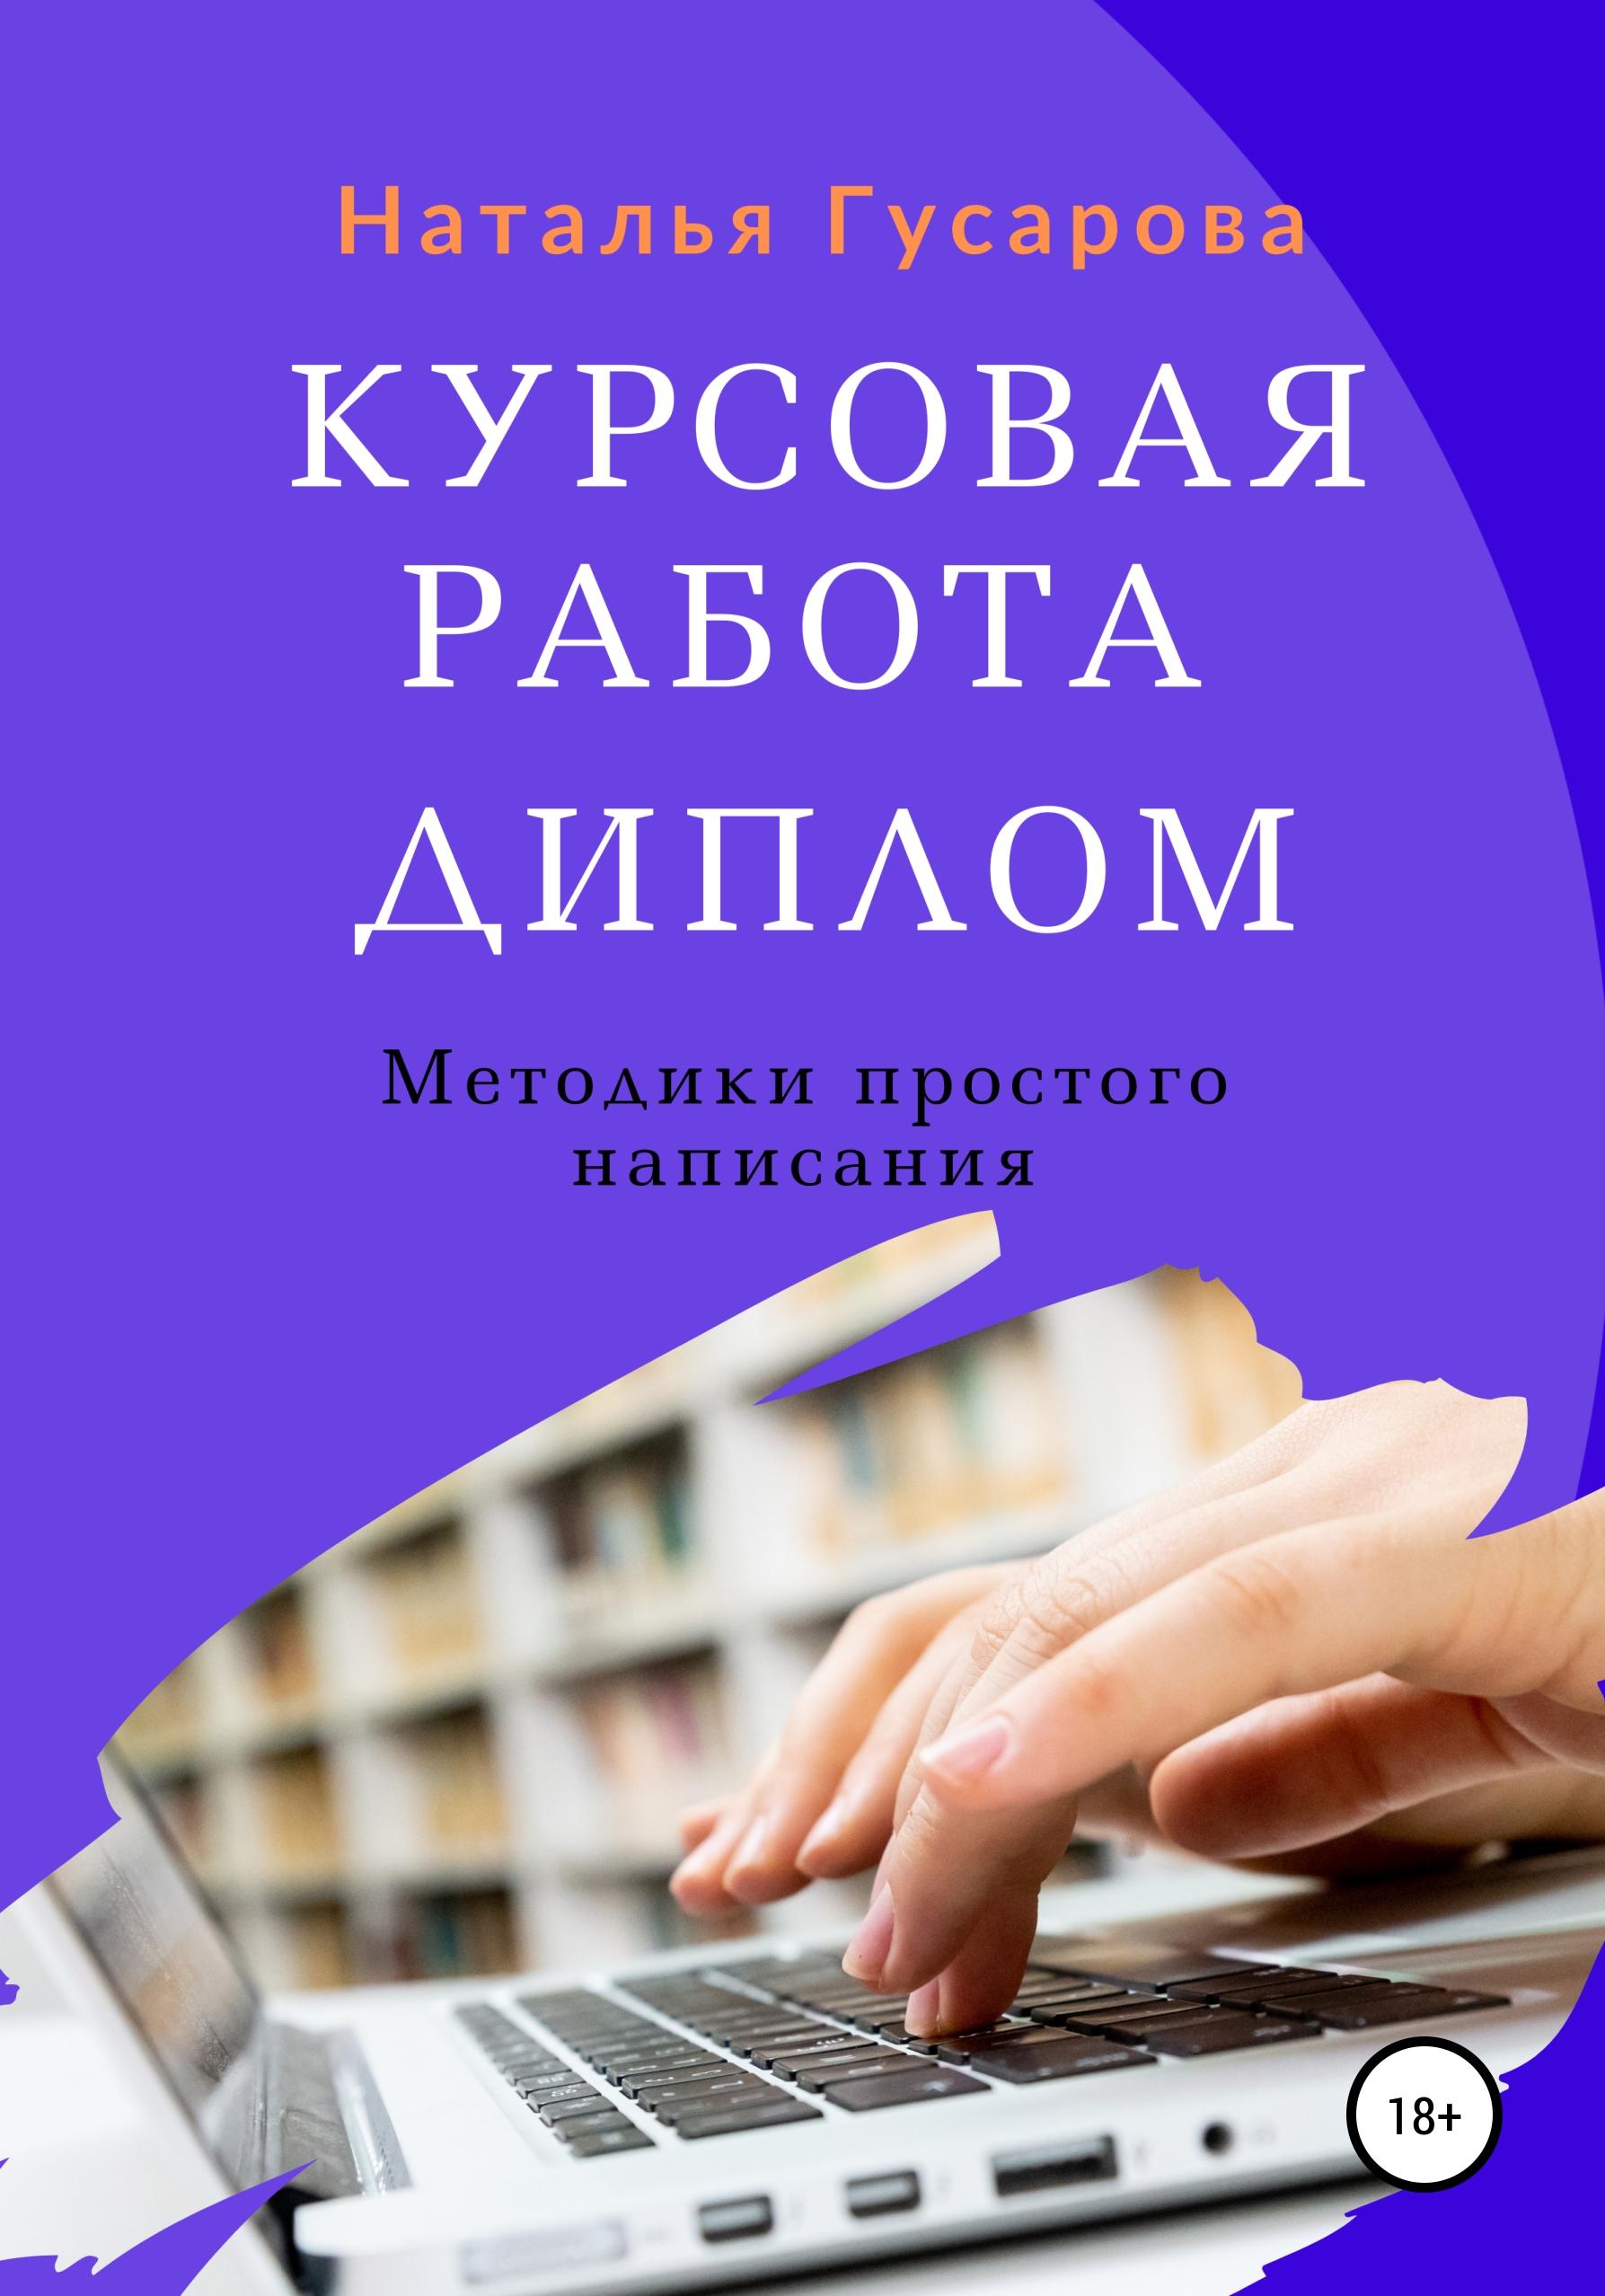 Купить книгу Диплом за 3 дня, автора Натальи Гусаровой